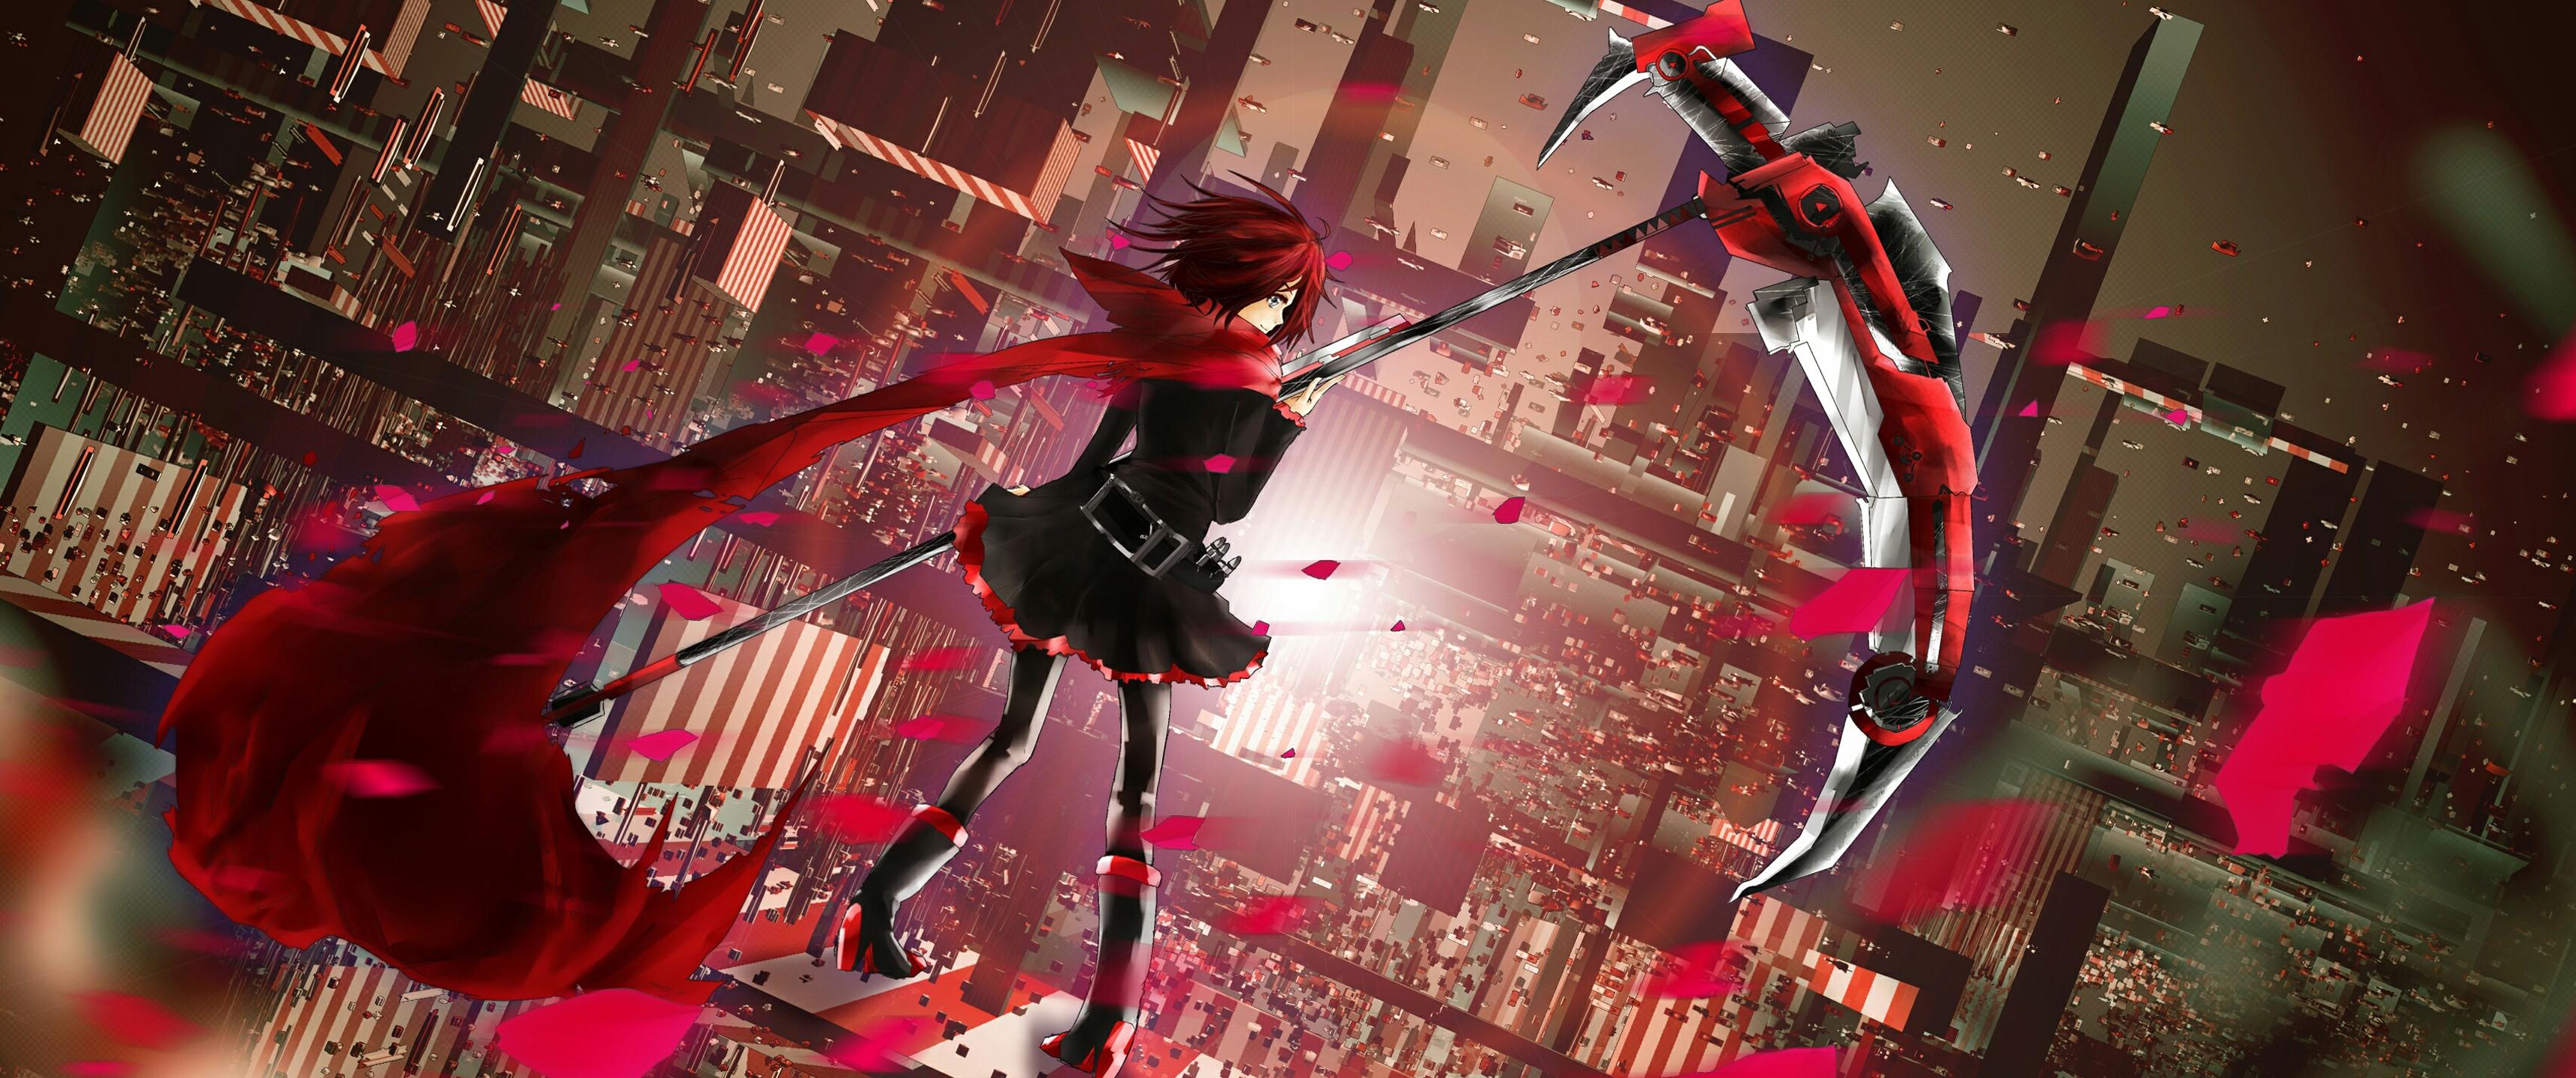 デスクトップ壁紙 アニメの女の子 Rwby ルビーローズキャラクター